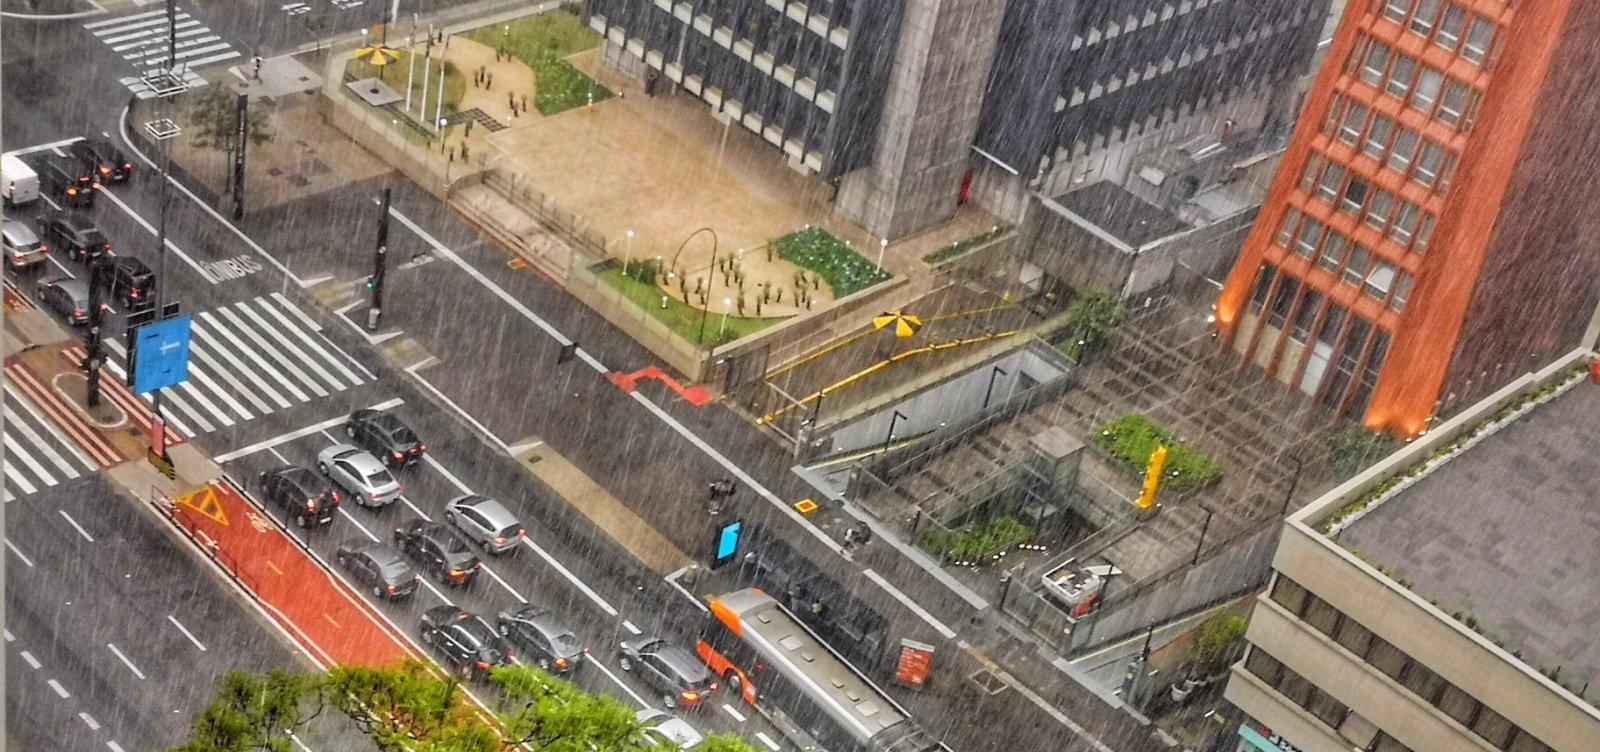 [Após aumento de internações, São Paulo prorroga quarentena no estado]